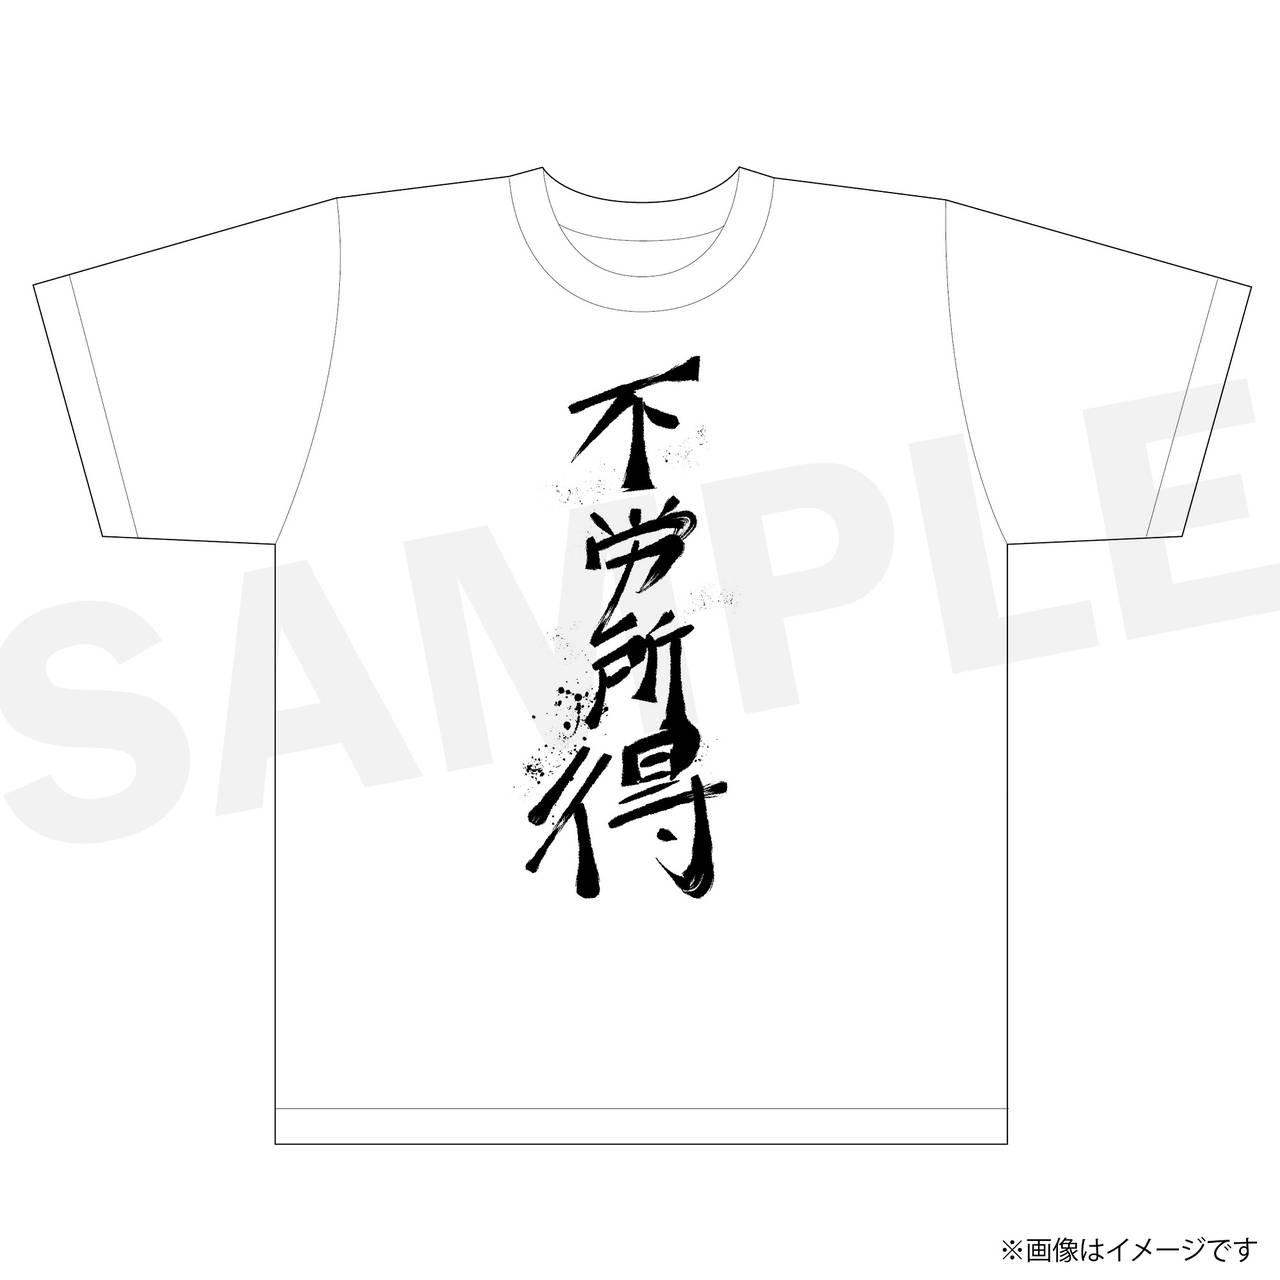 「カナメとハルキー」不労所得Tシャツ